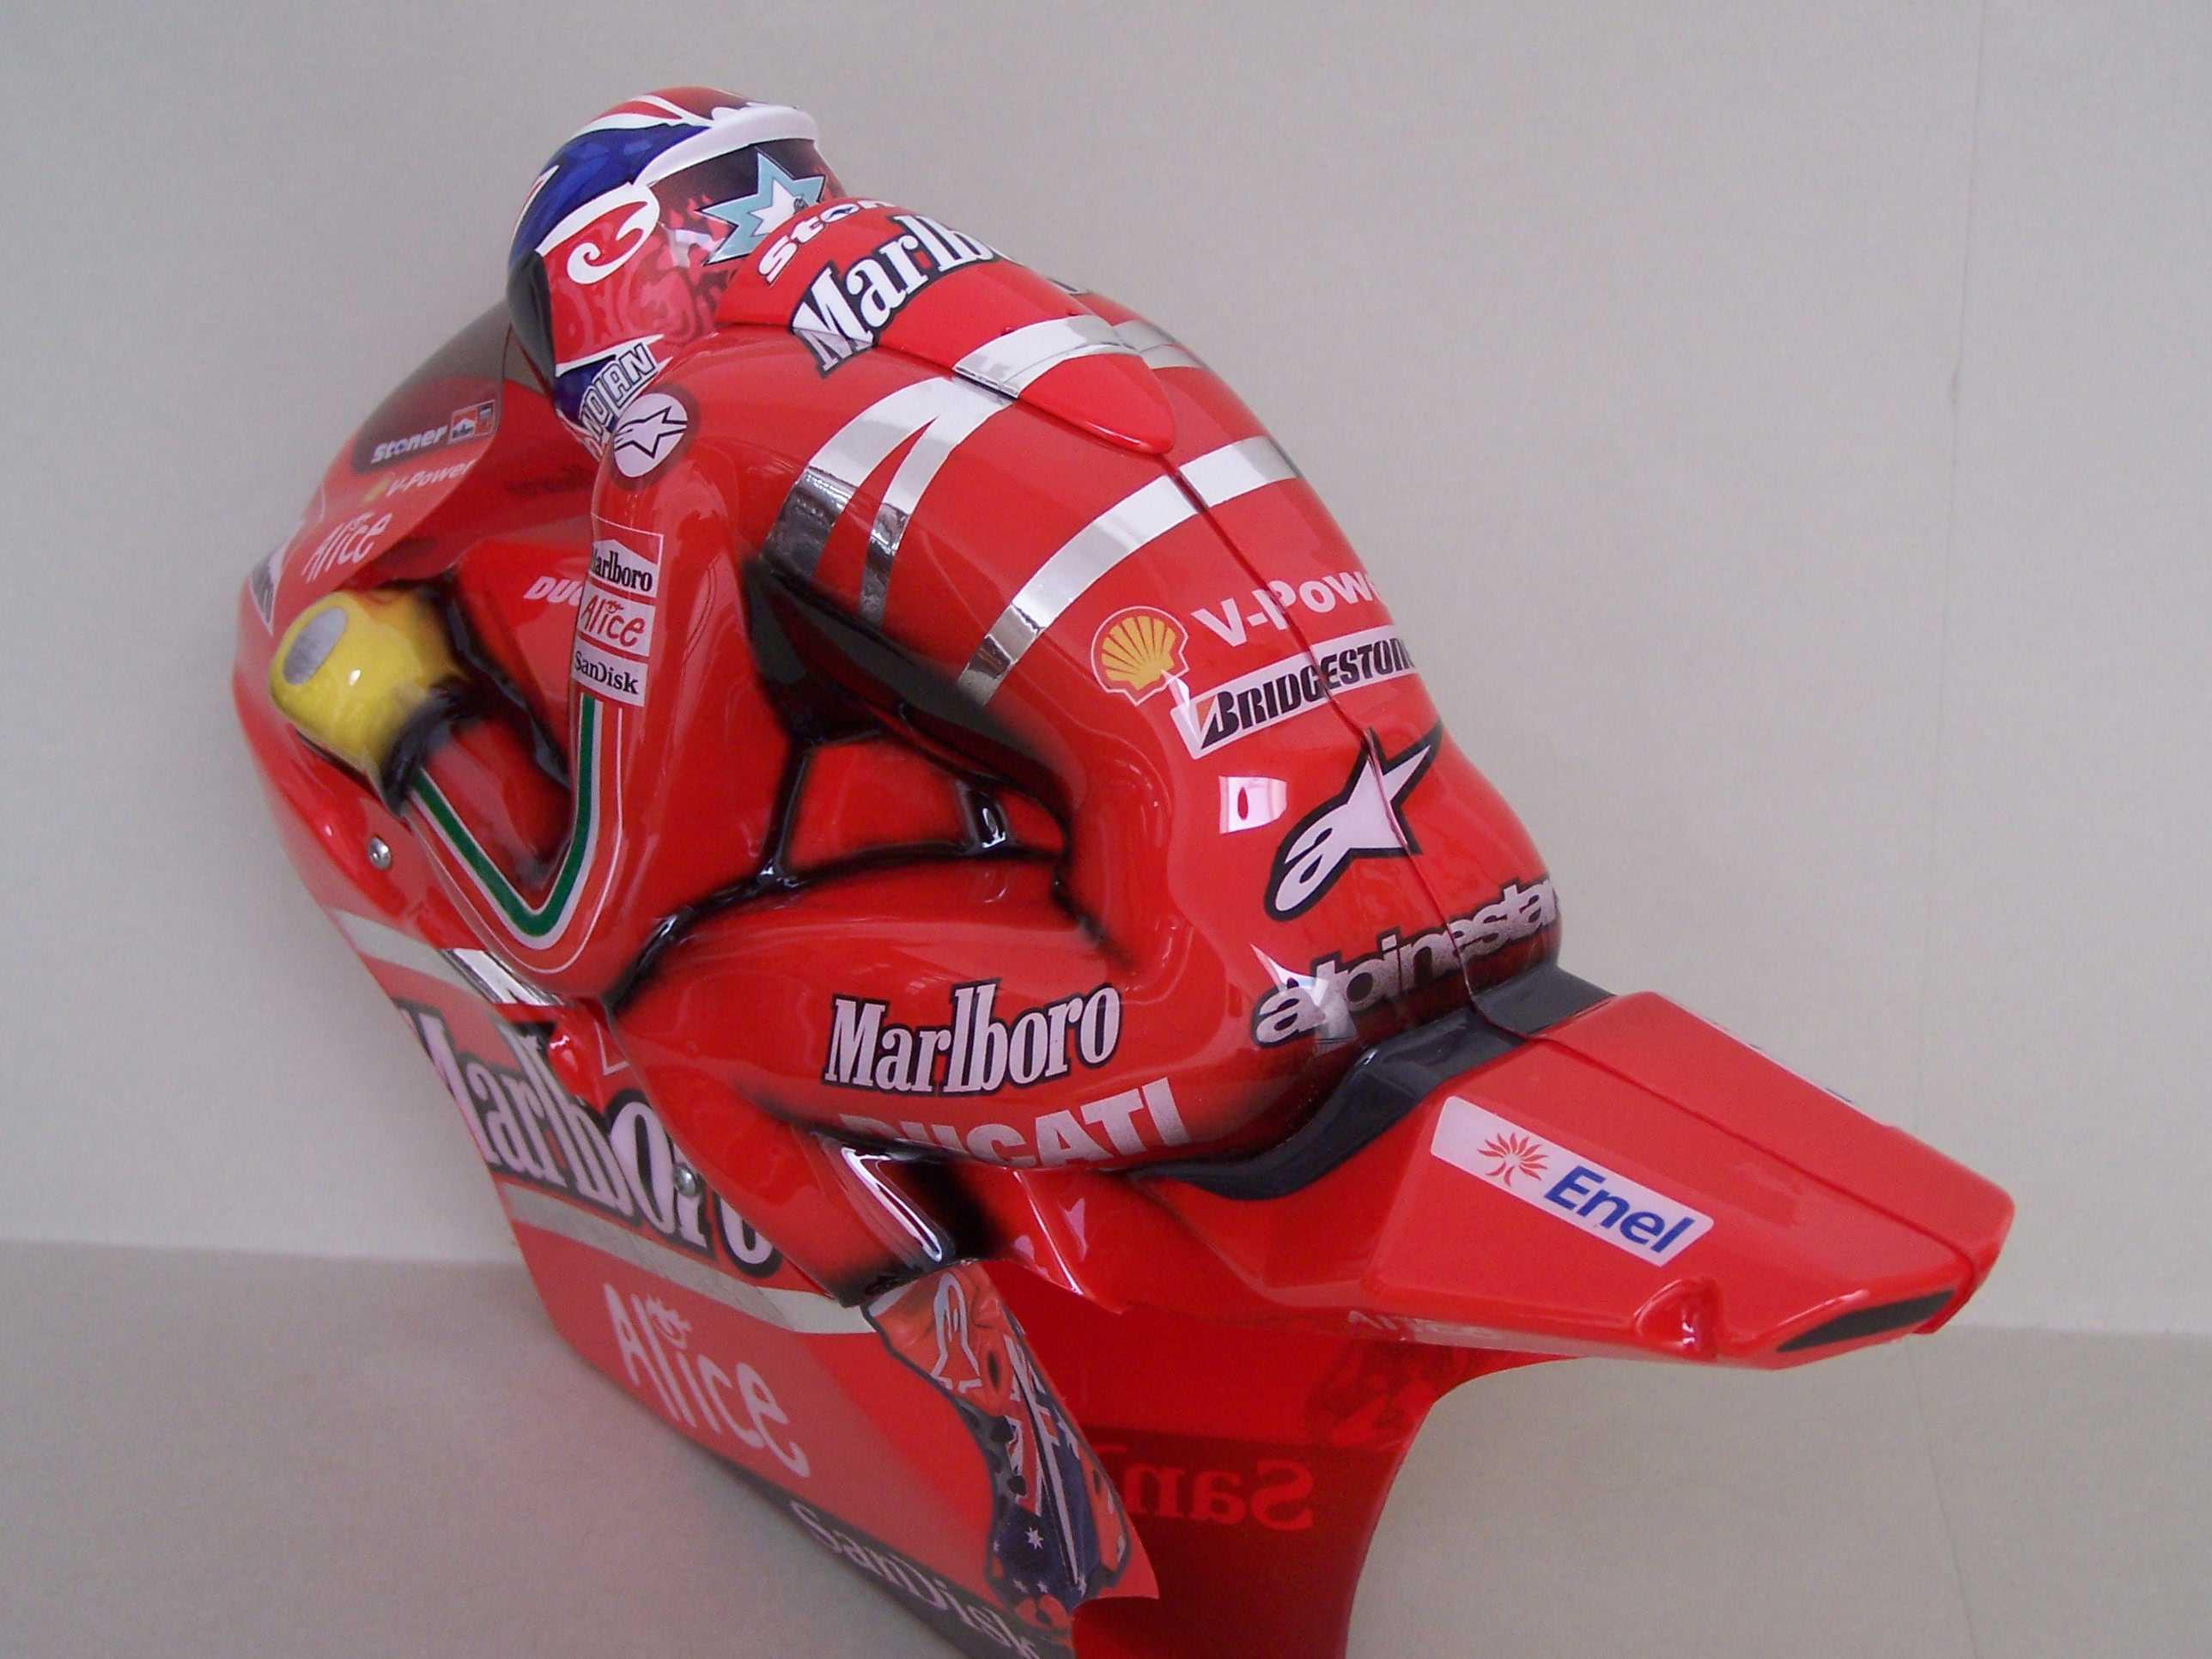 [Marlboro-Ducati-Stoner-2008-14.jpg]